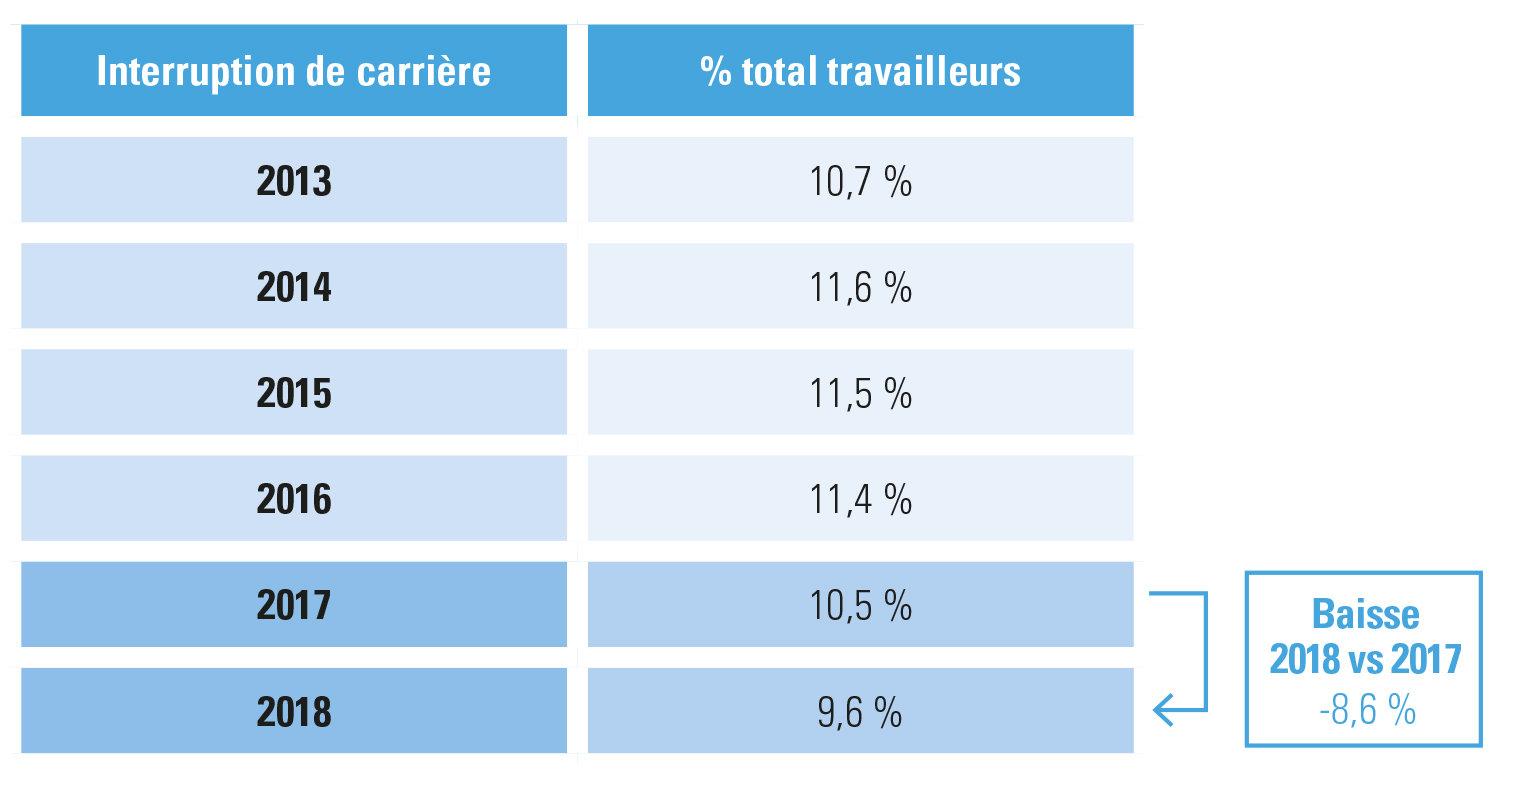 évolution d'interruptions de carrière pour les travailleurs du secteur privé2013-2018